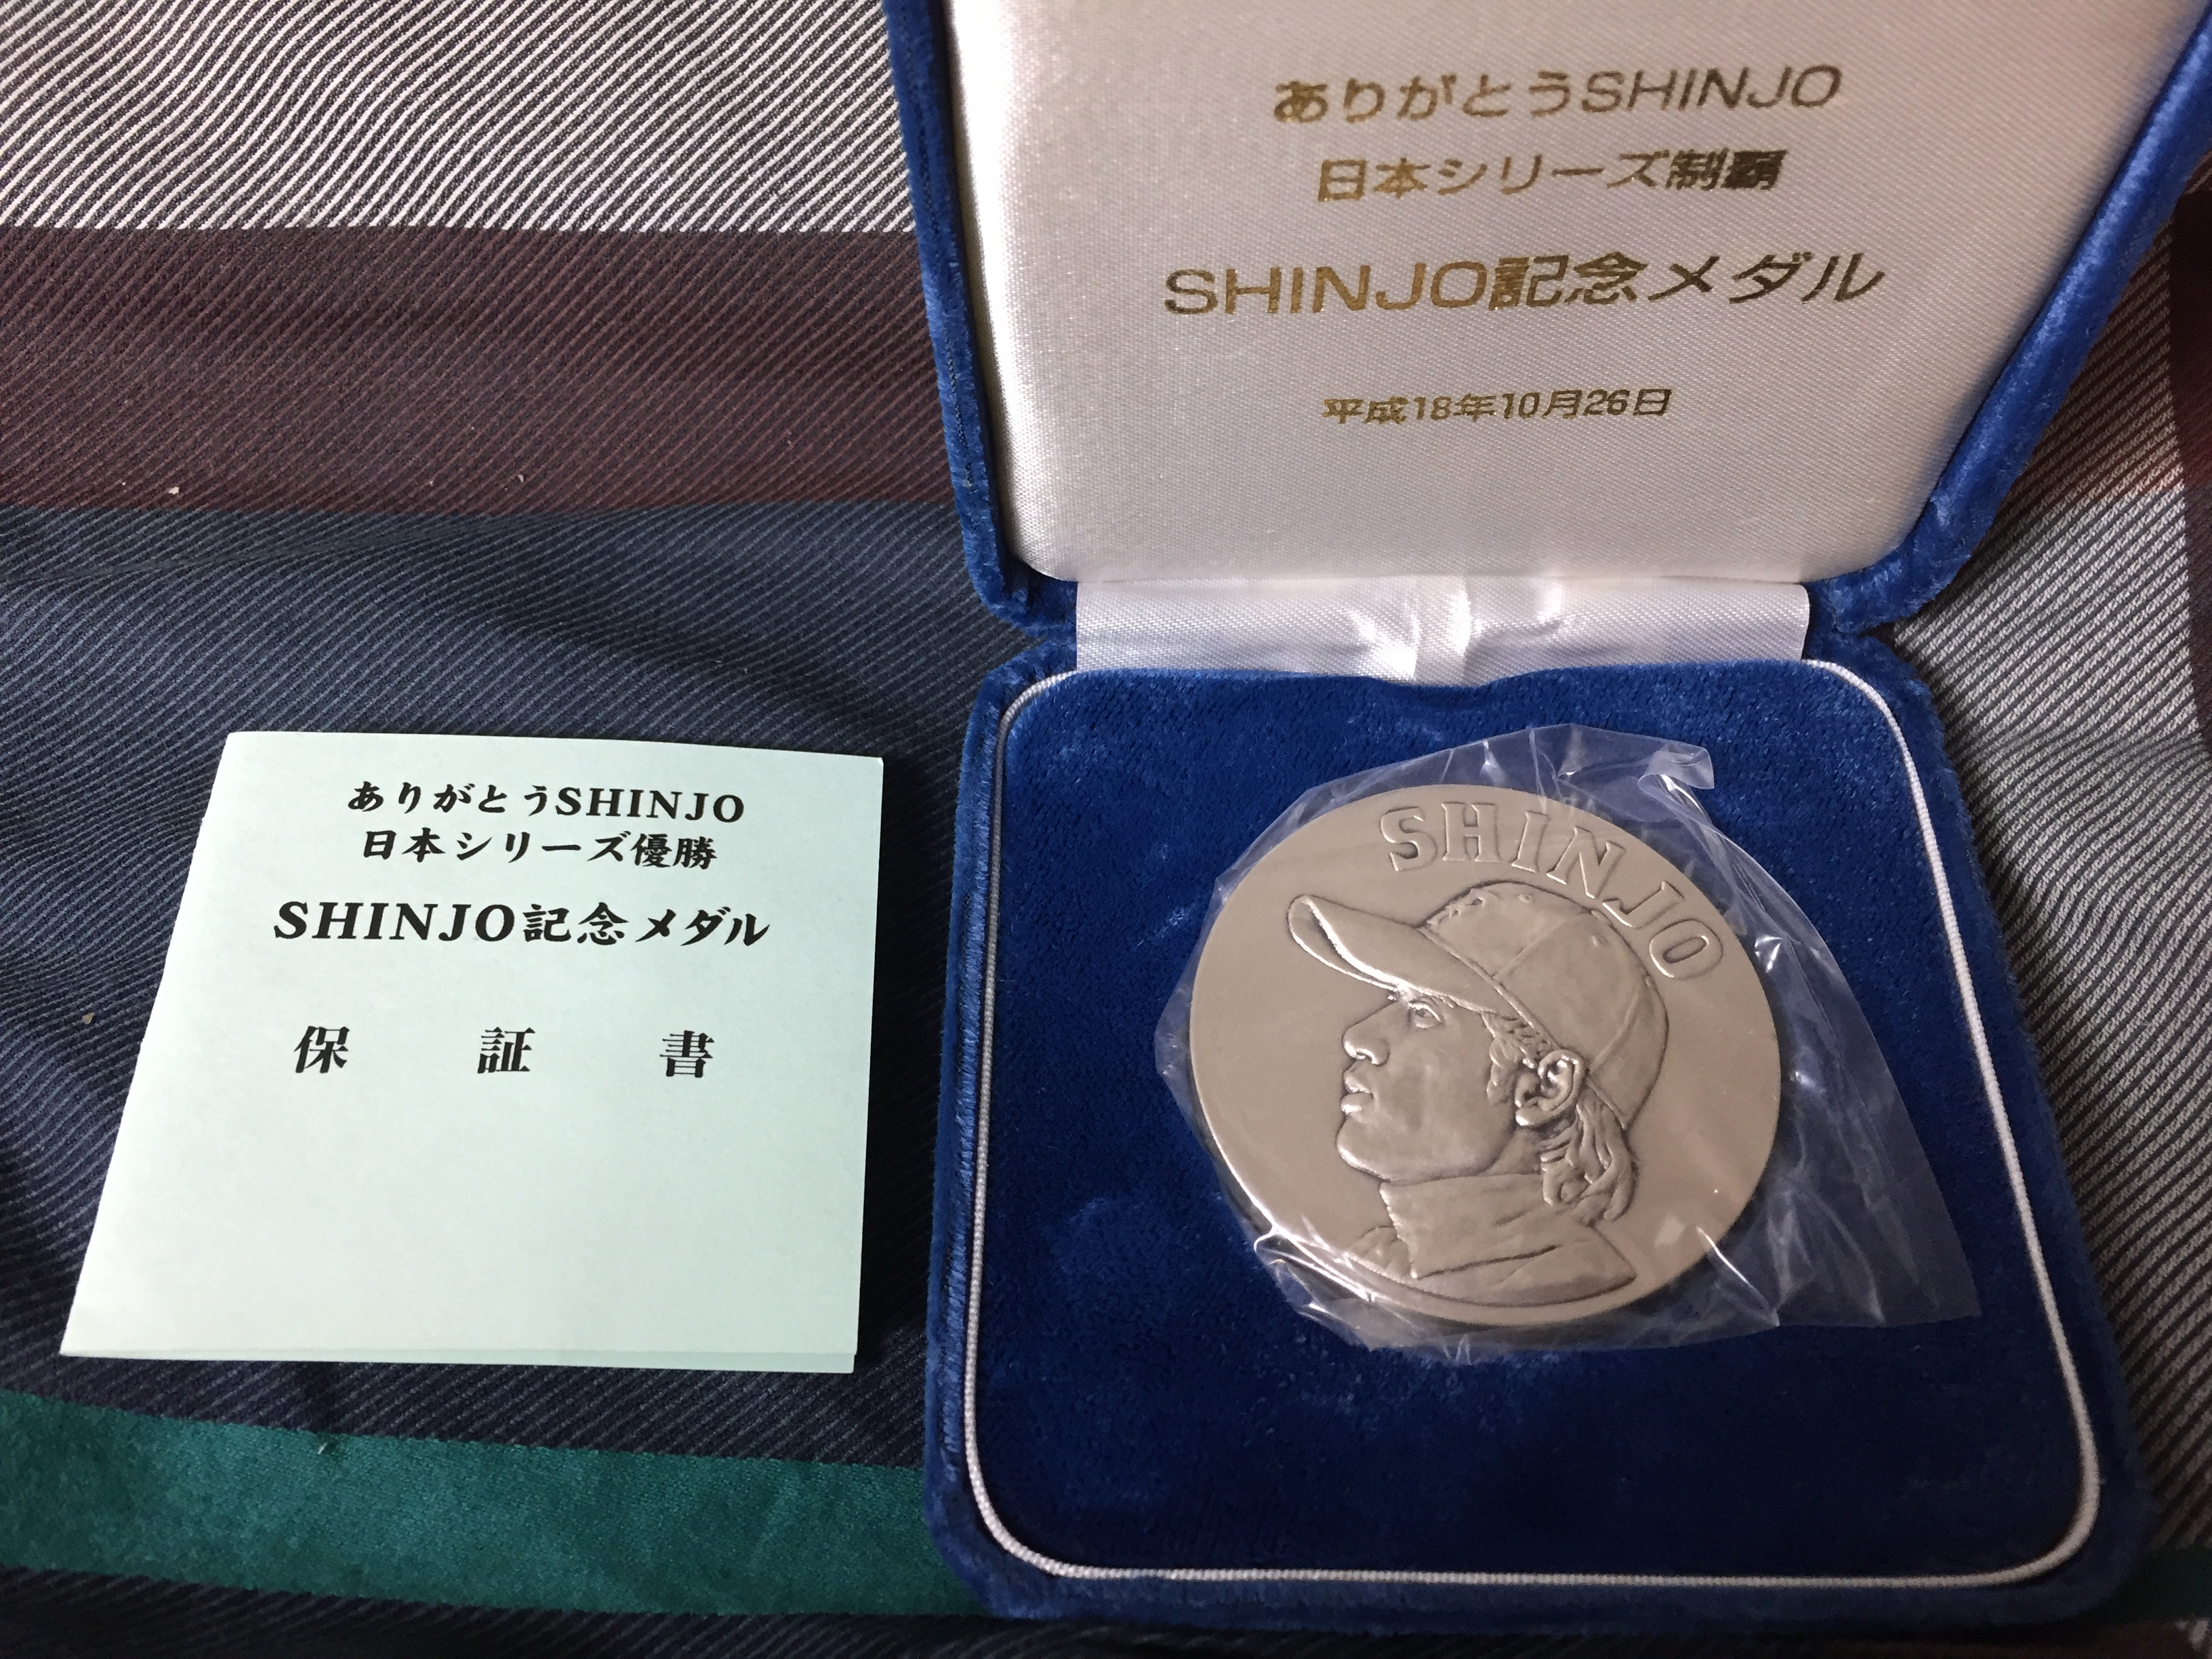 SHINJOさんの記念メダルを入手した!